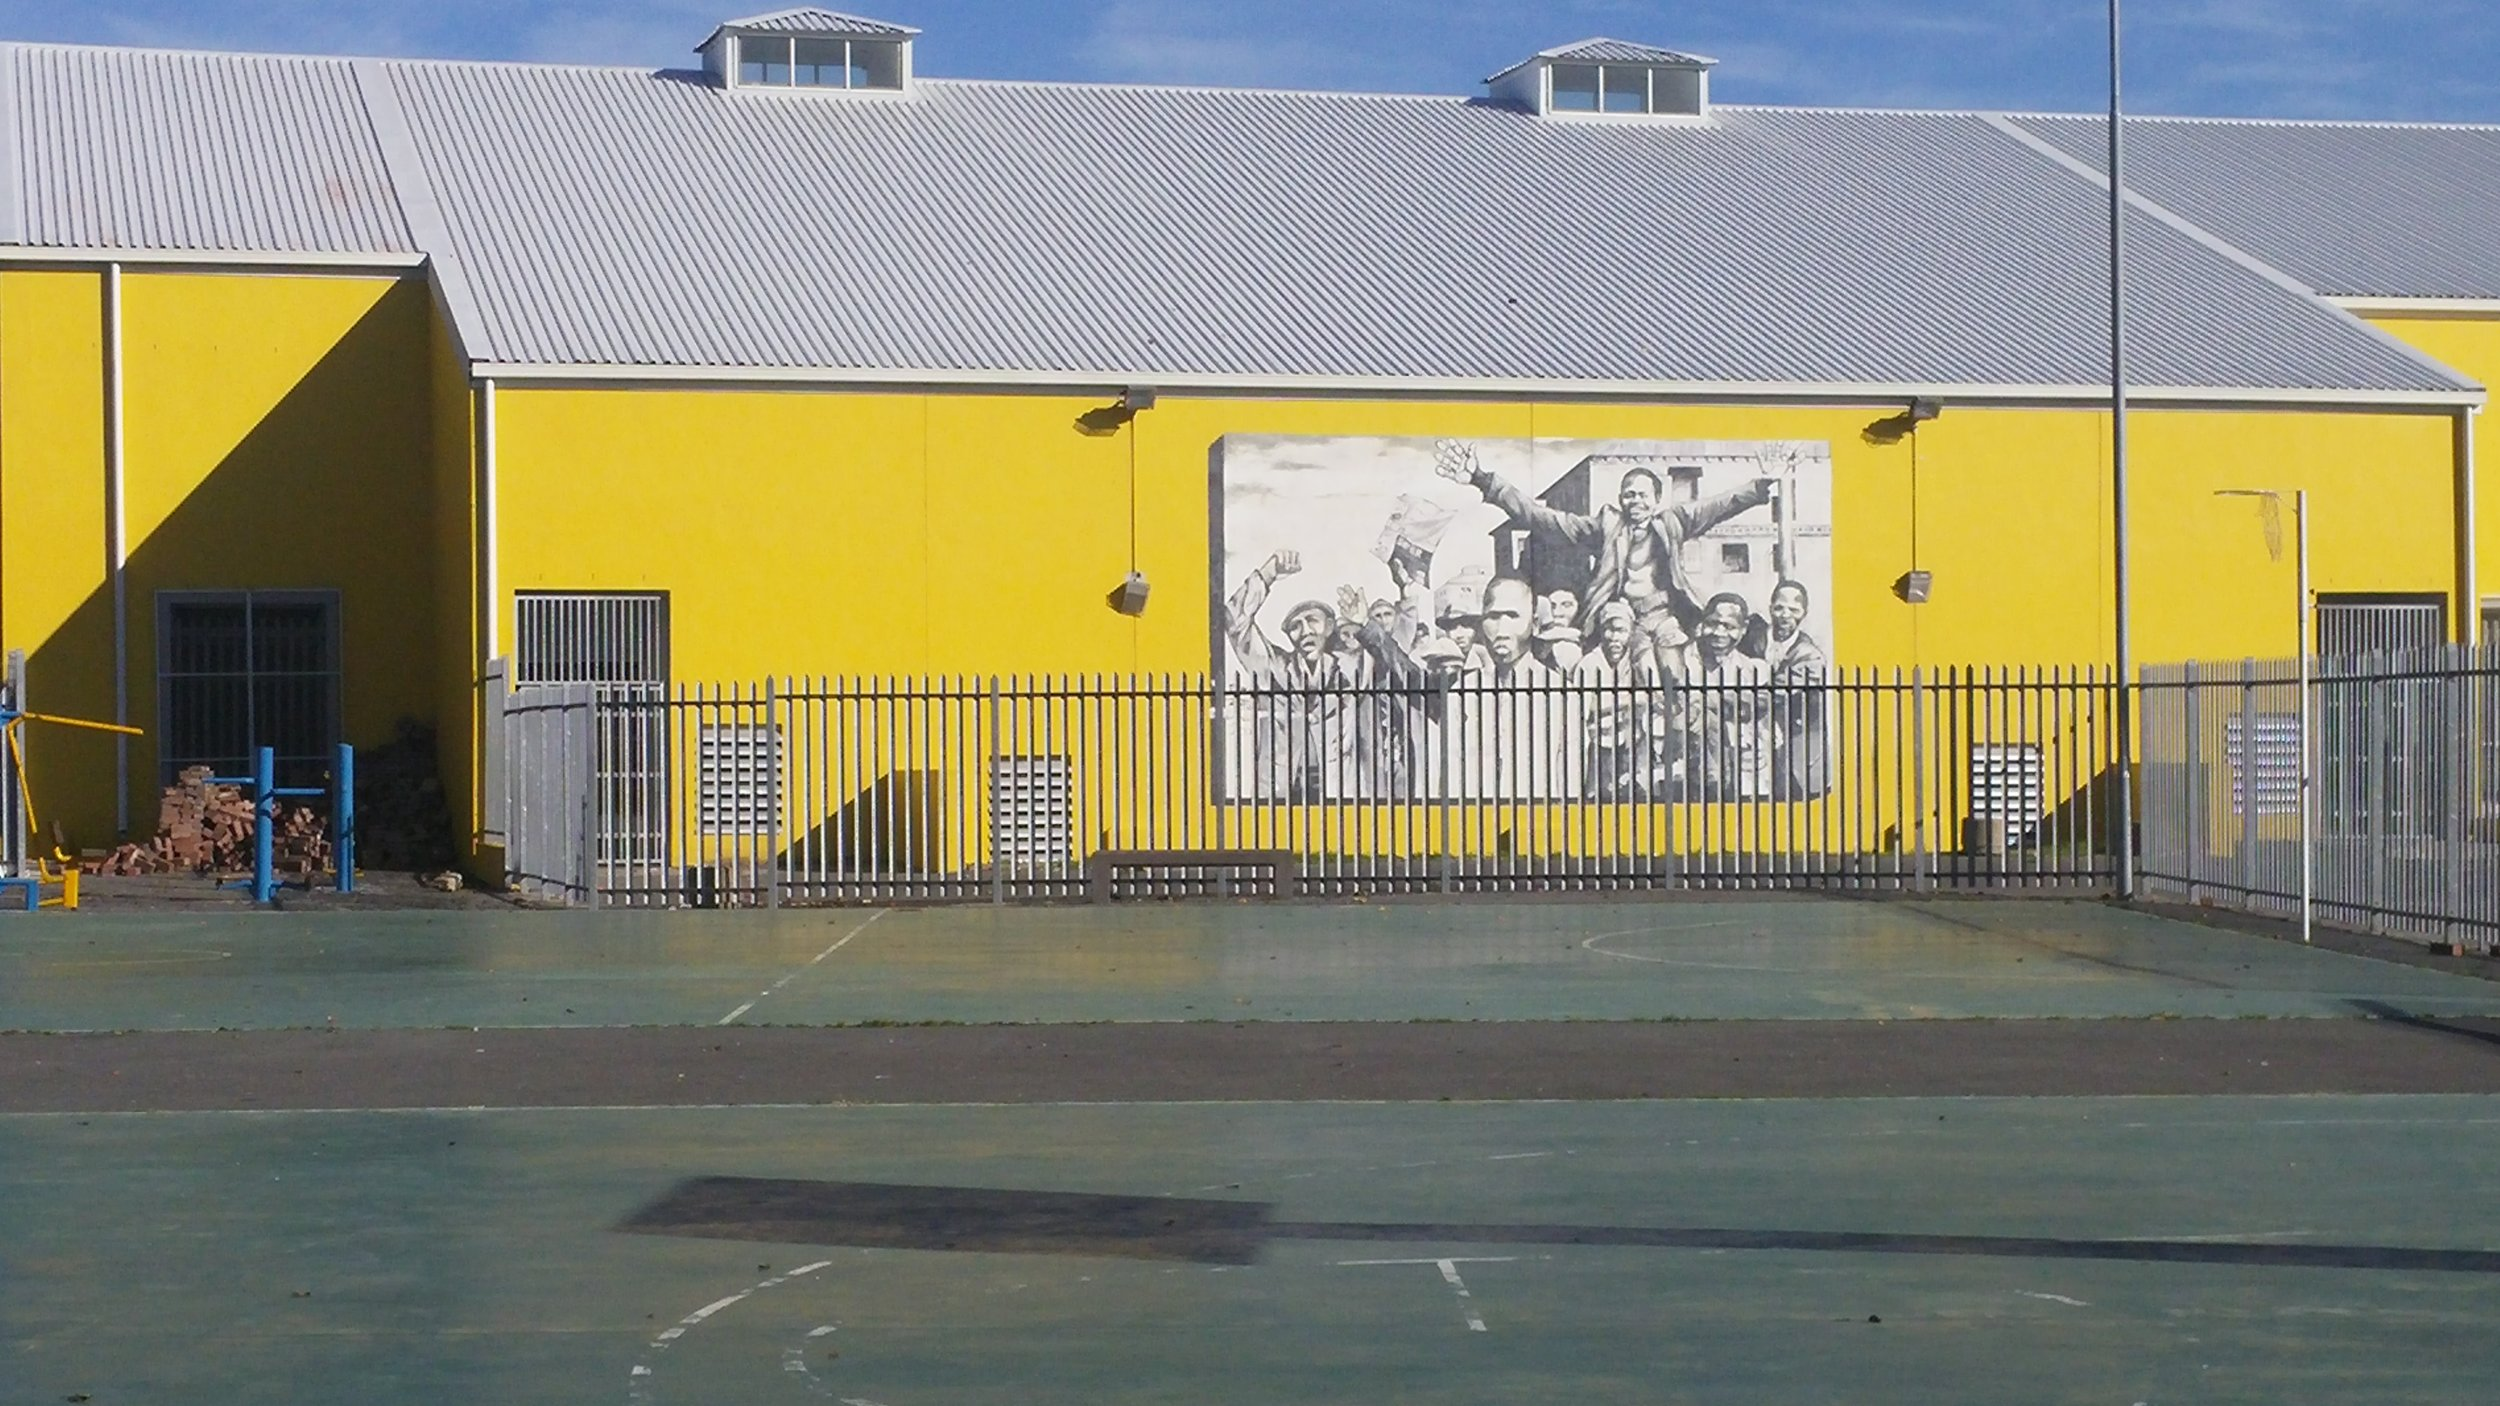 Local school wall